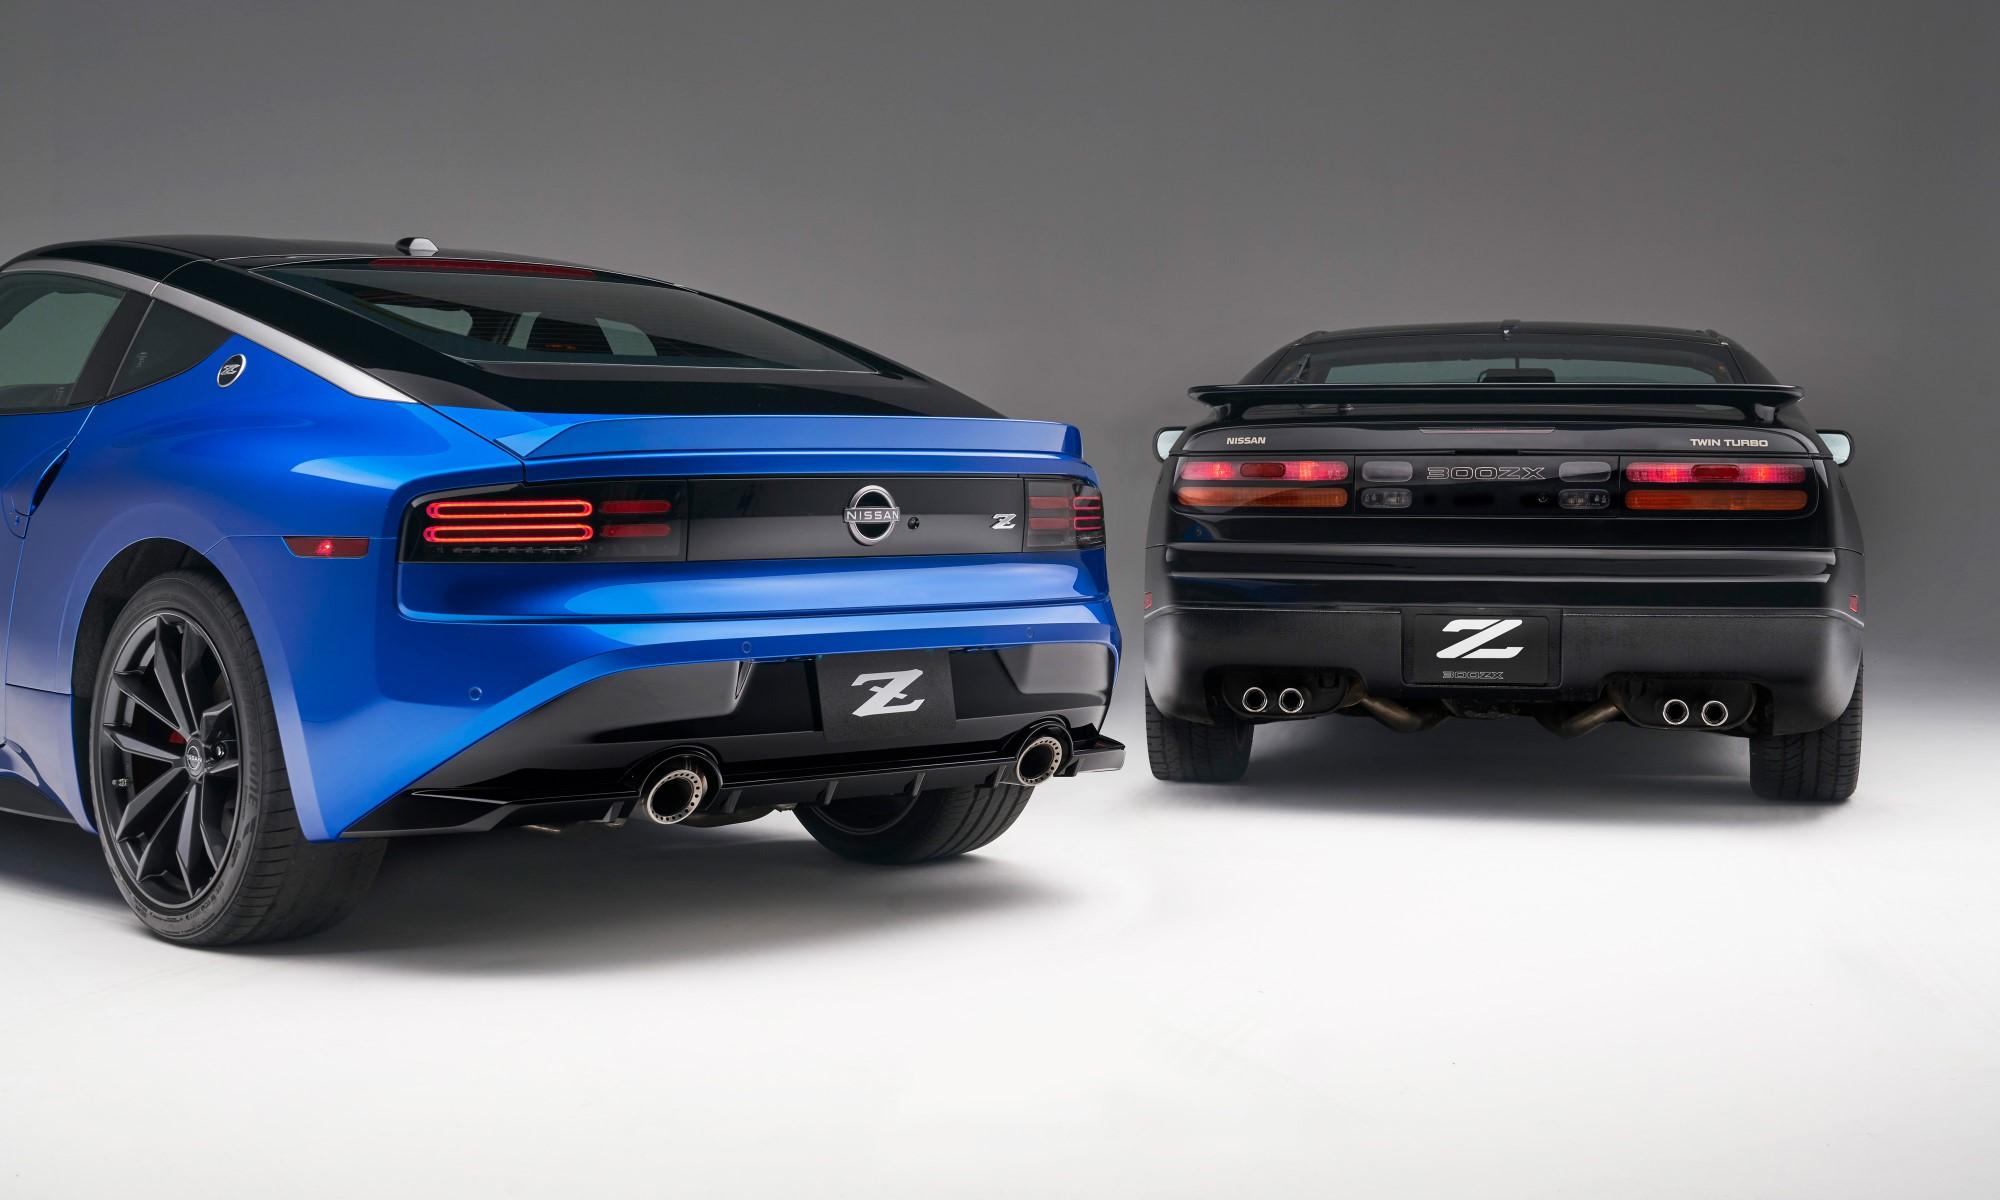 Nissan Z Sportscar with 300 ZX